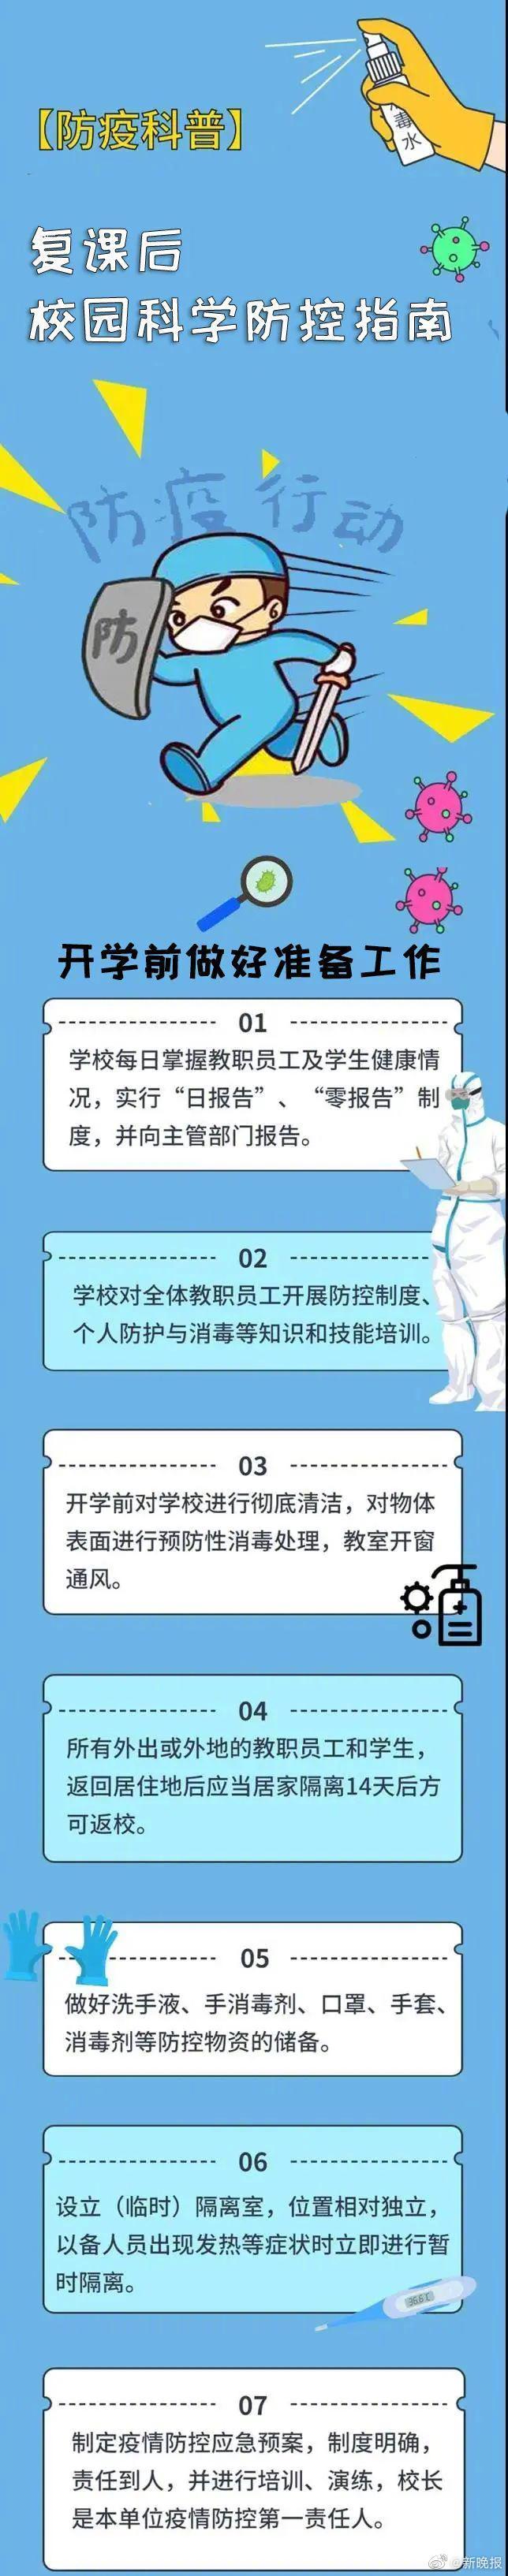 哈尔滨市科协发布复课后校园科学防控指南